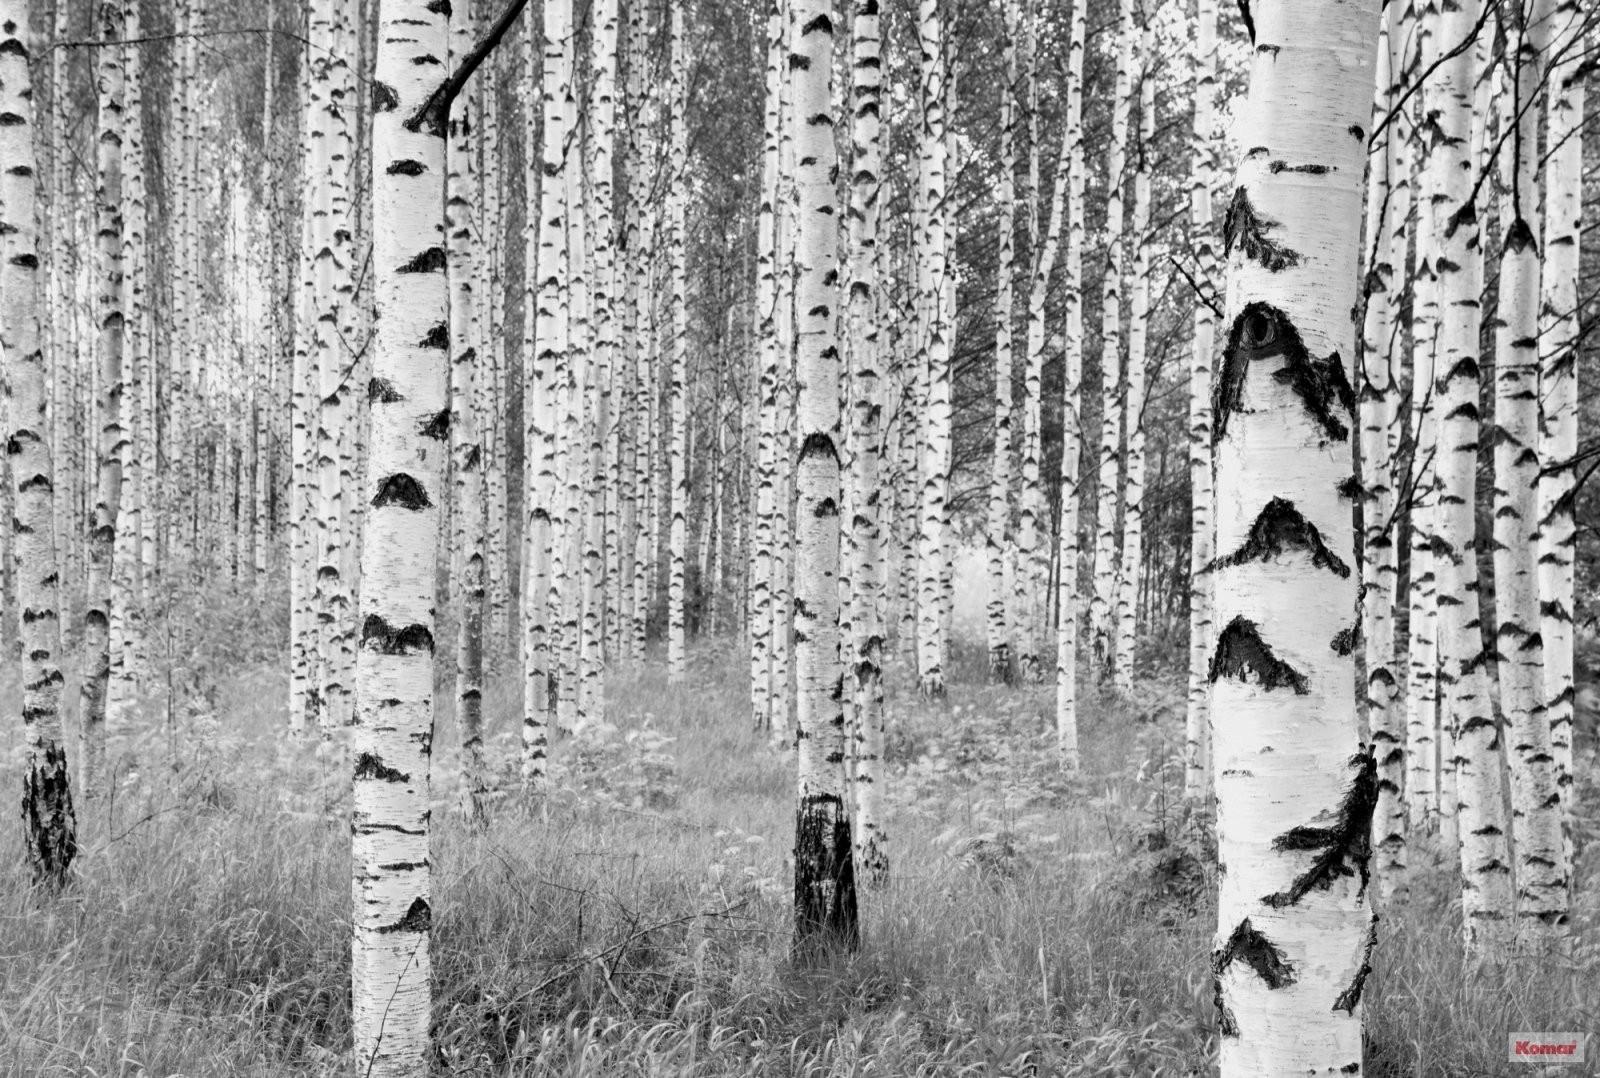 """Vliestapete """"Woods"""" (Xxl4023) Von Komar von Tapete Birke Schwarz Weiß Bild"""